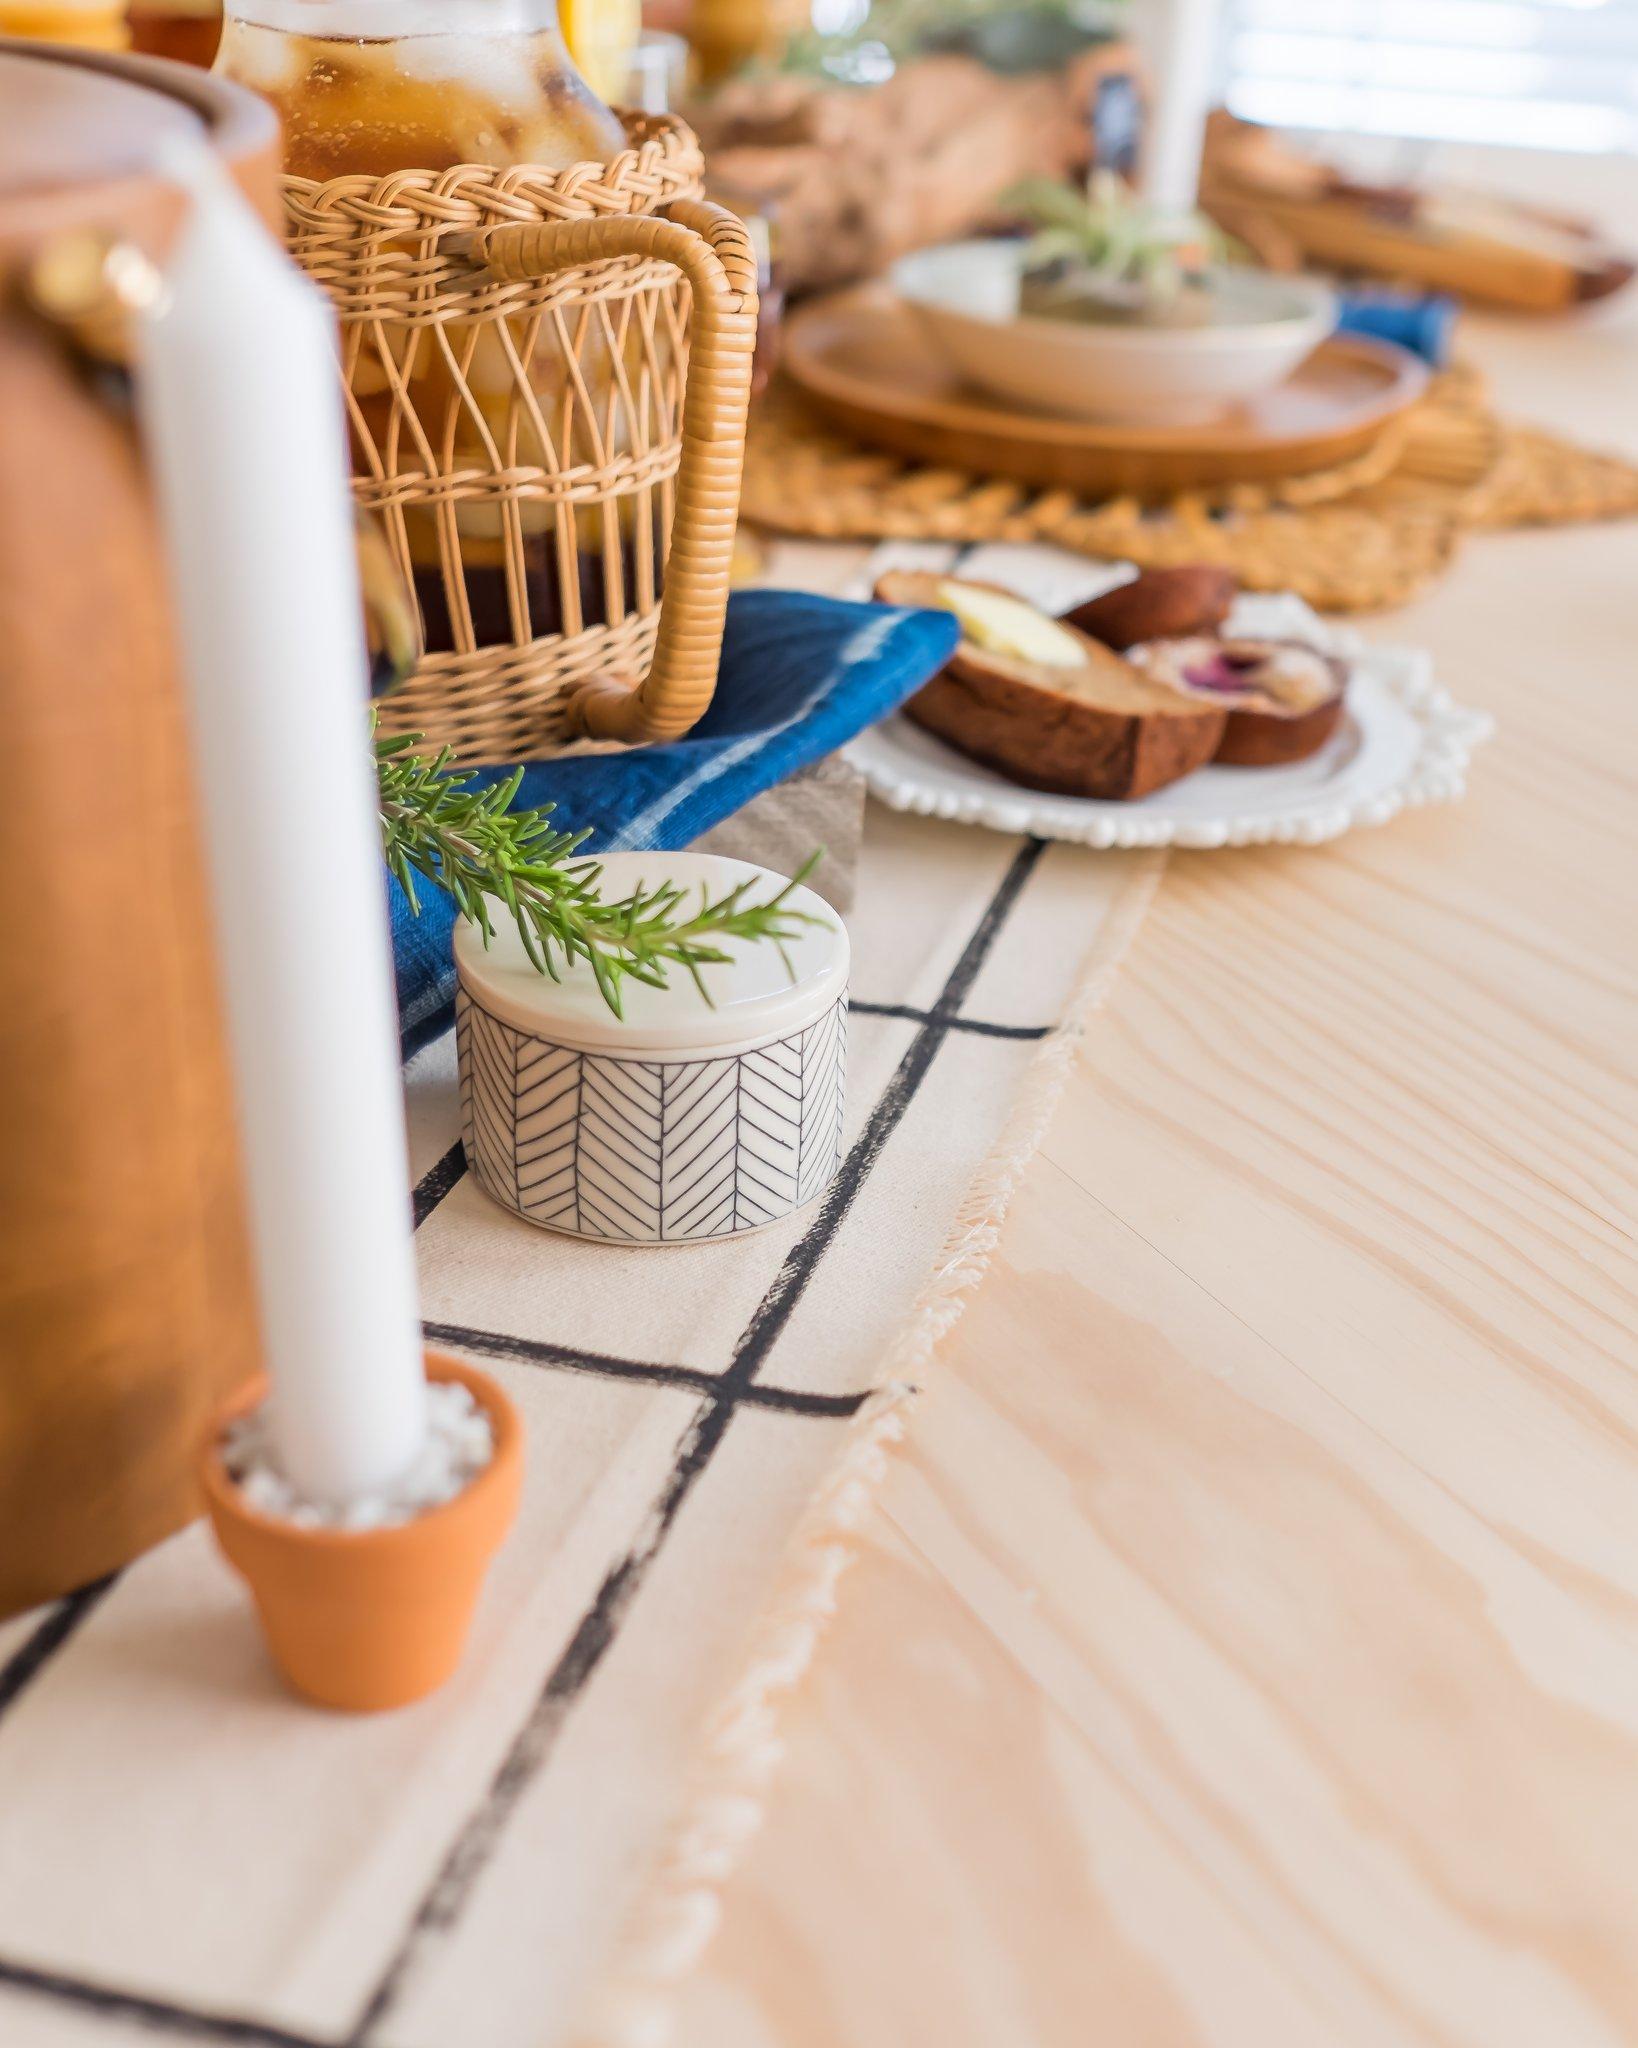 LoveDingBlog-Austin-Texas-Interior-Stylist-Thanksgiving-Table Runner-DIY.jpg